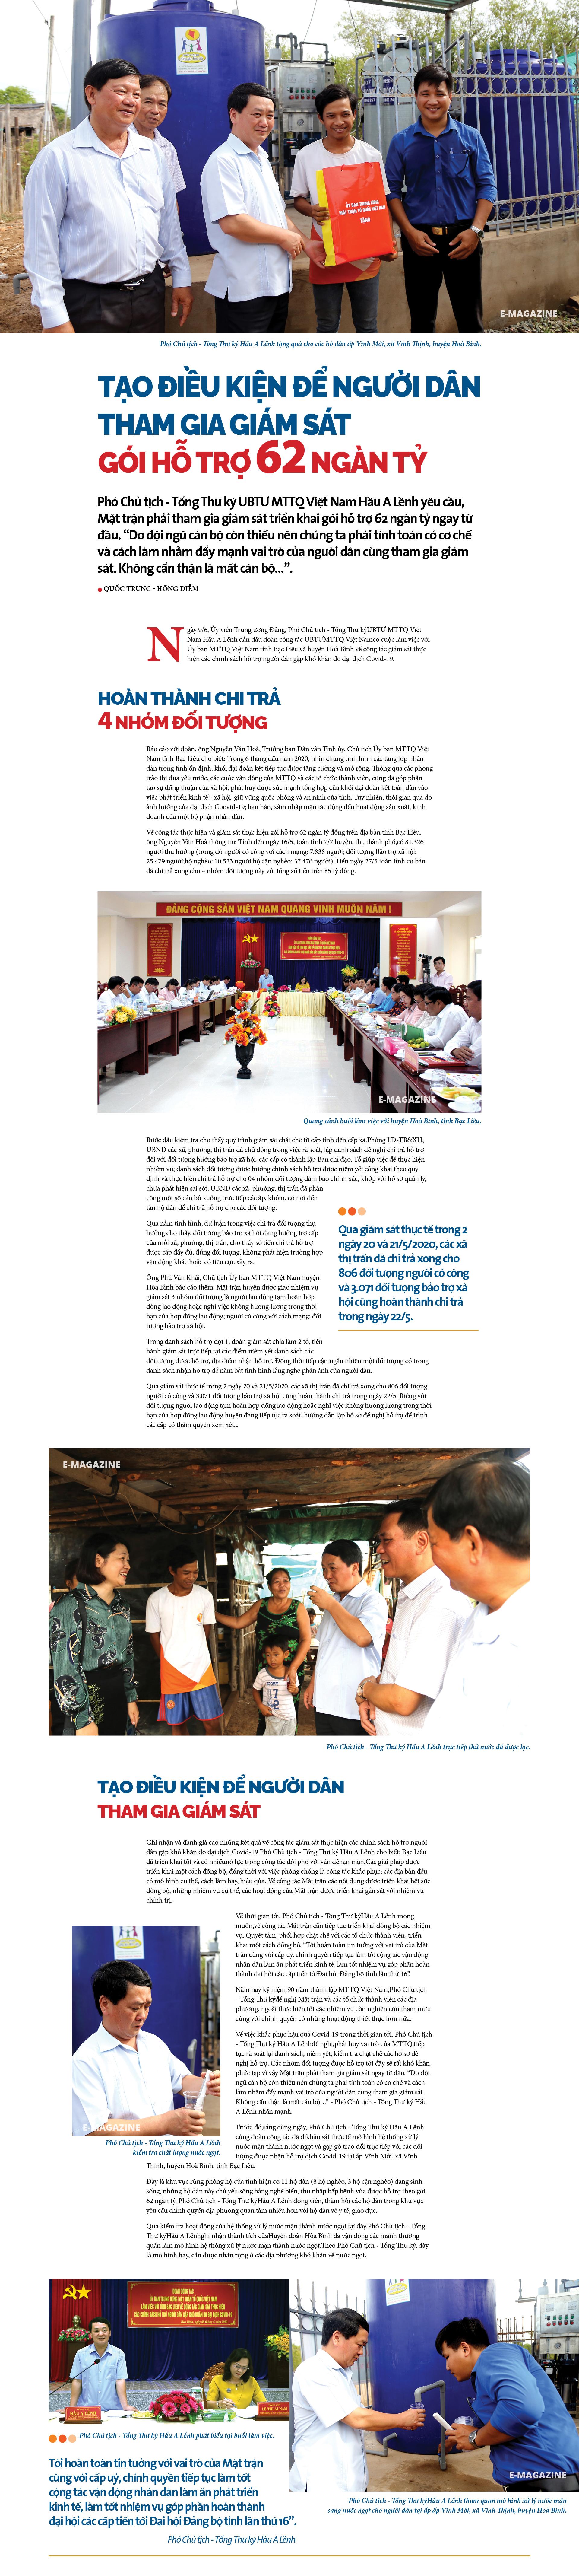 Tạo điều kiện để người dân tham gia giám sát gói hỗ trợ 62 ngàn tỷ - Ảnh 1